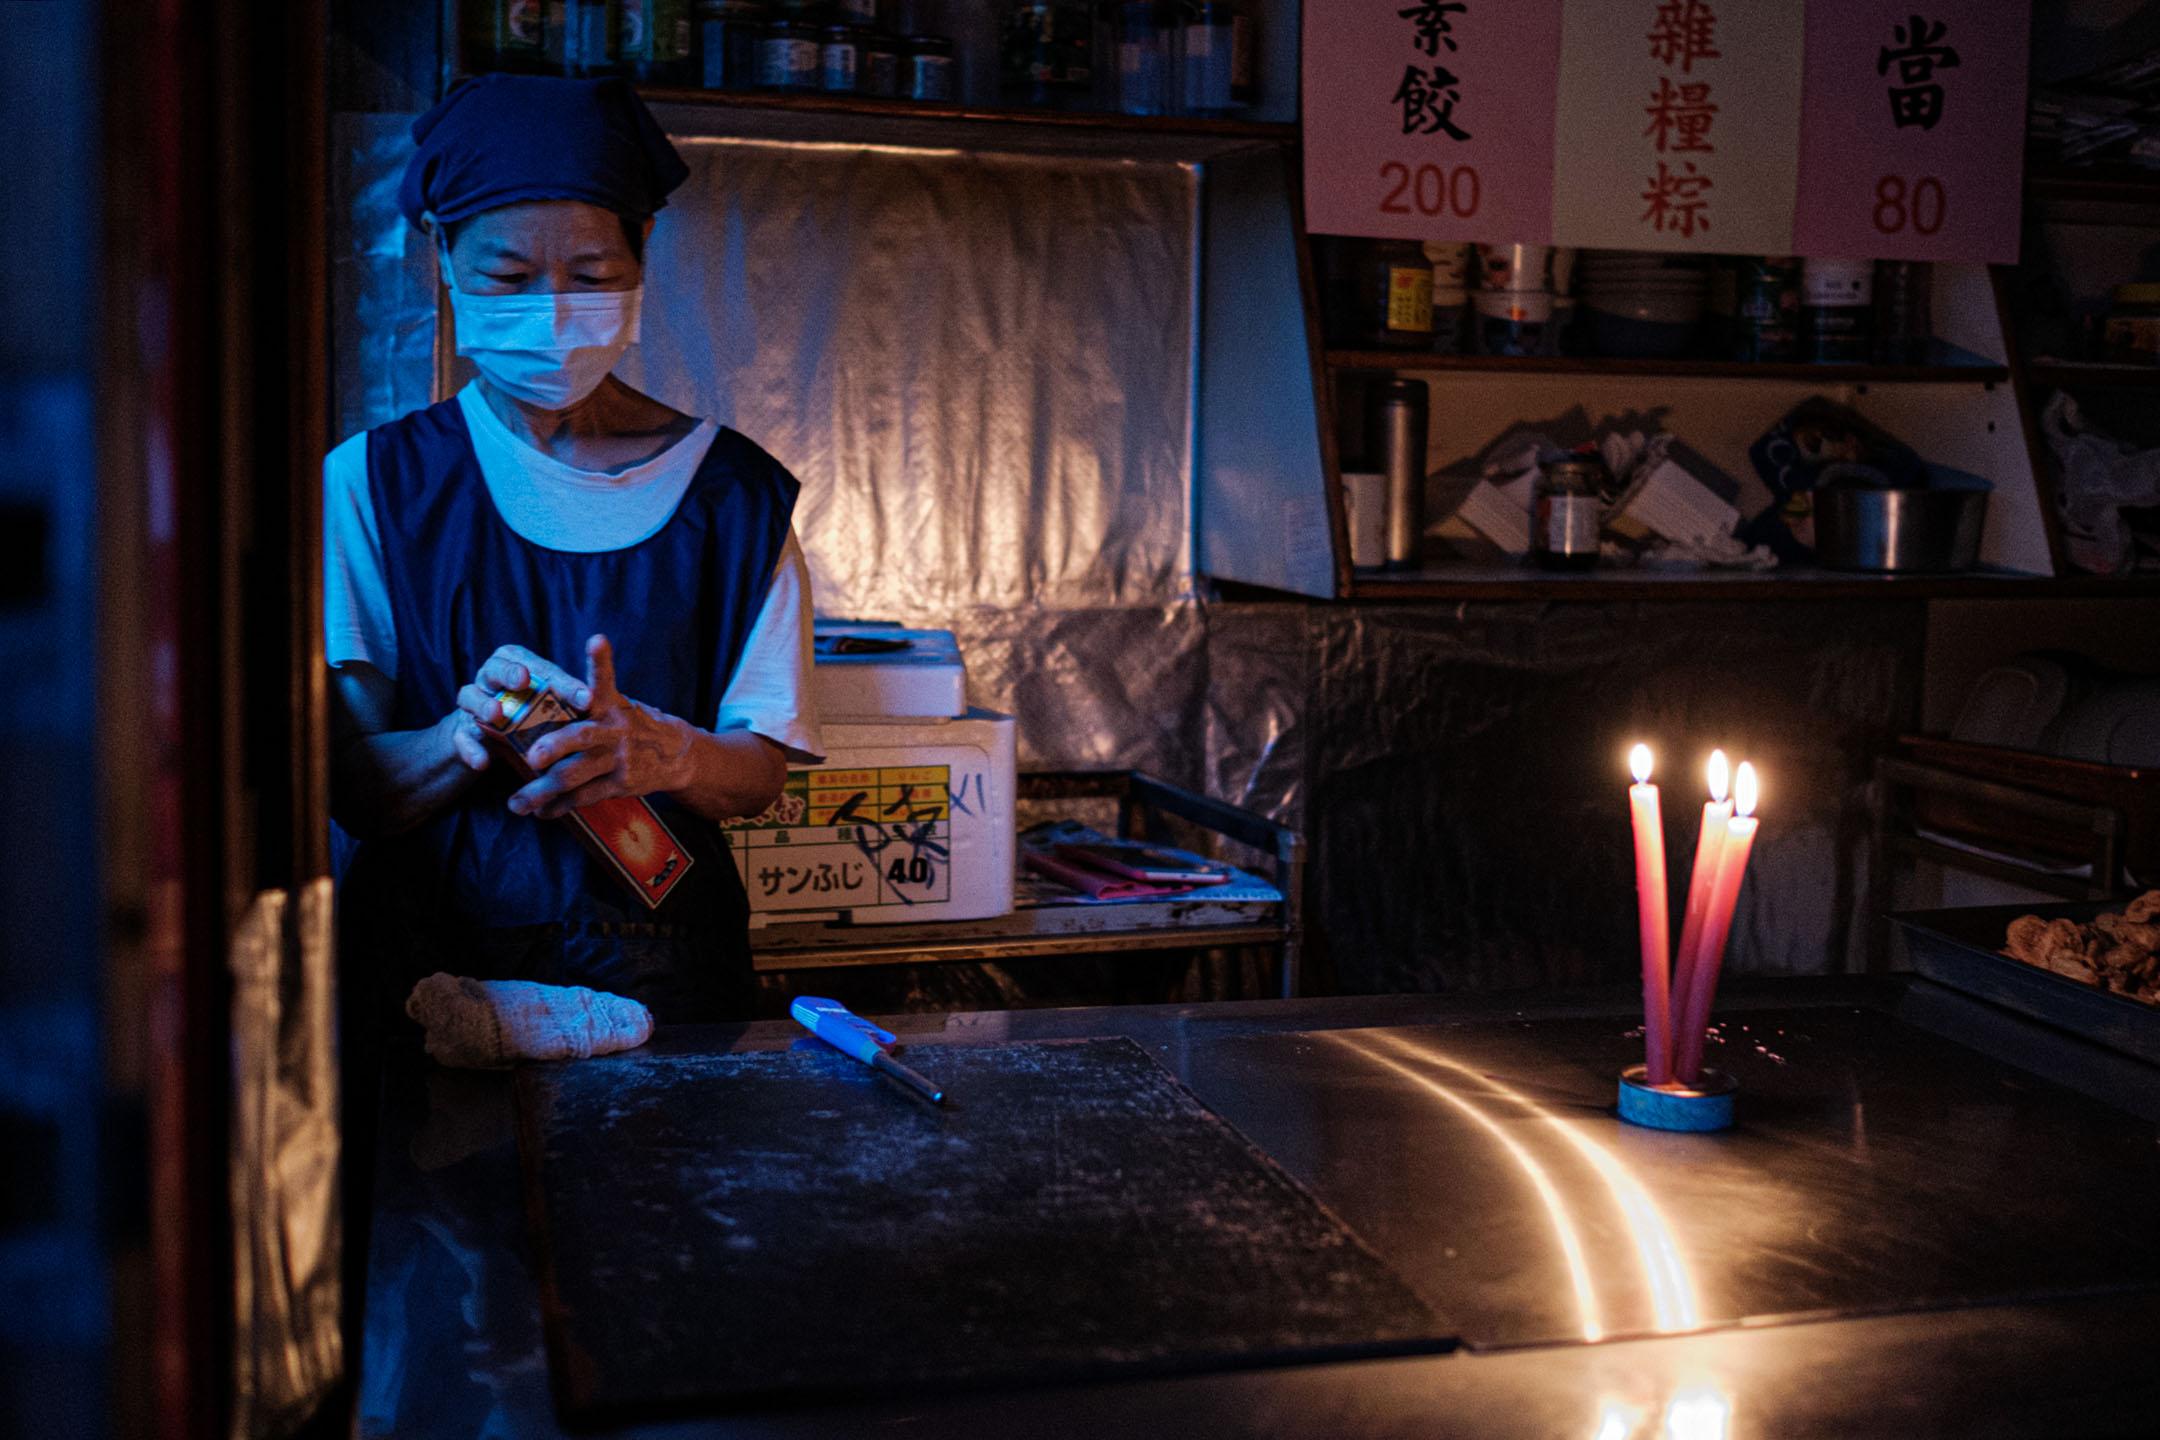 2021年5月13日台北,停電期間食店內一名職員點起蠟燭。 攝:唐佐欣/端傳媒